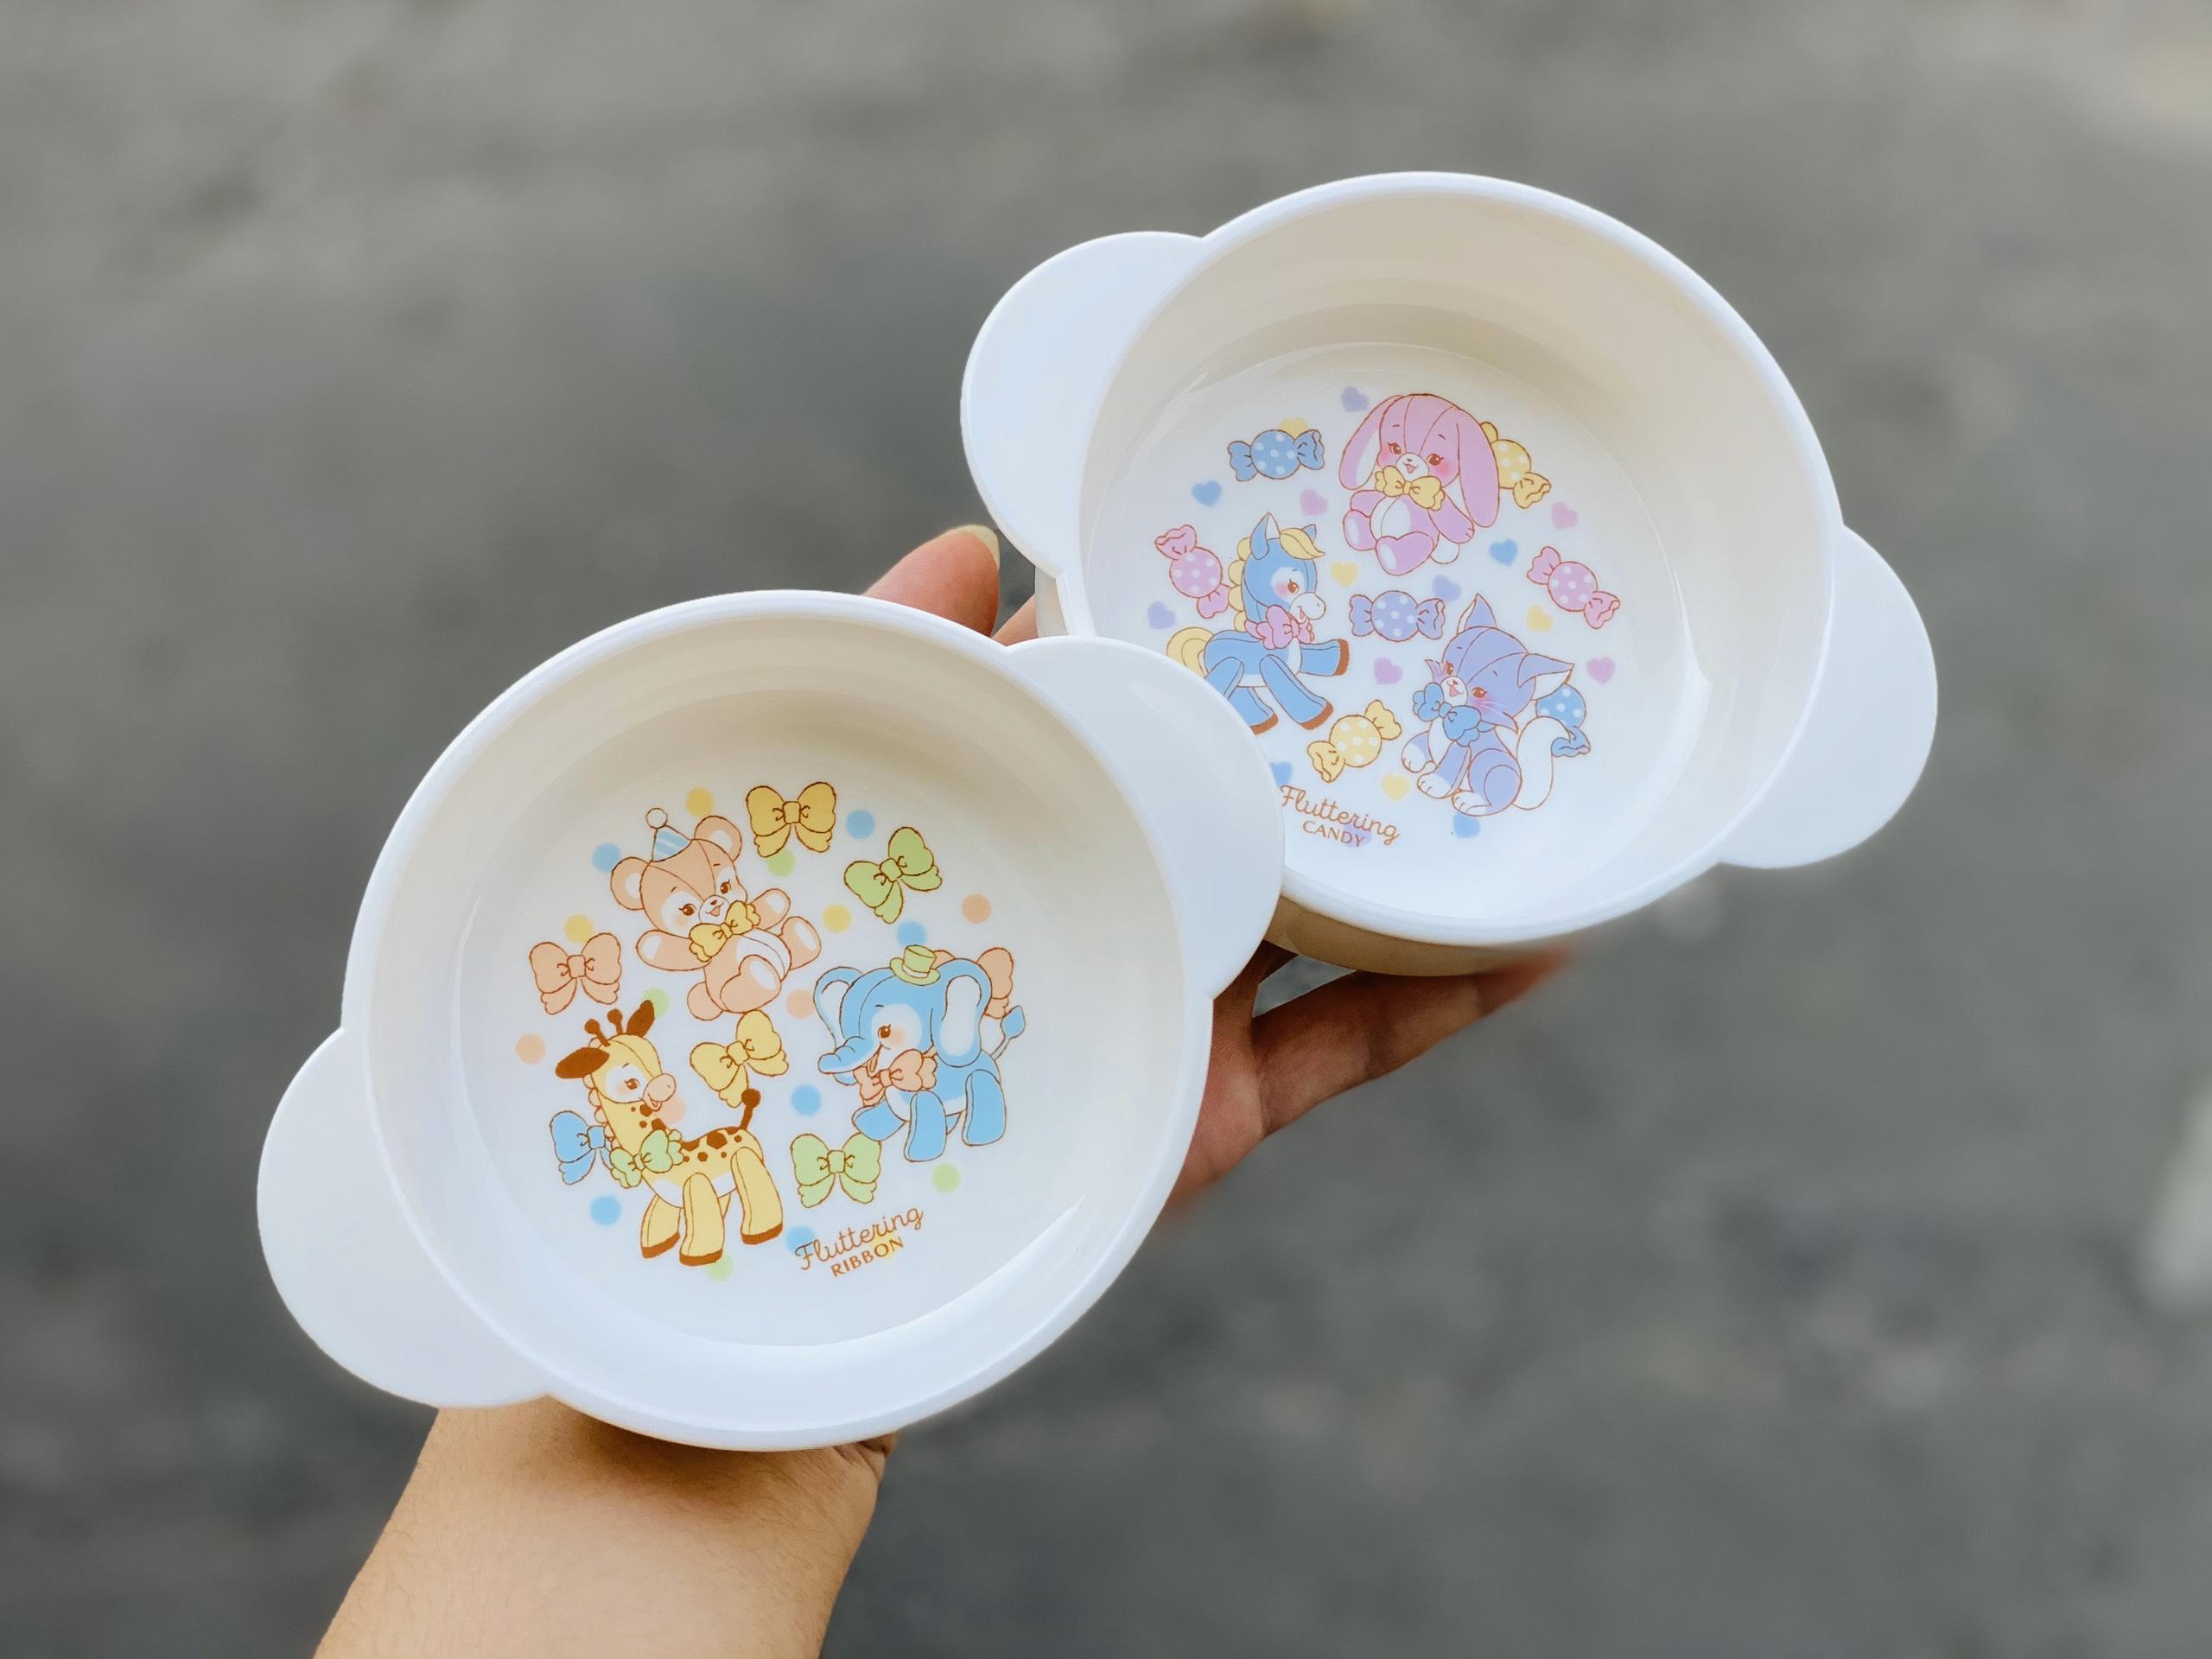 Bát ăn cho bé có quai cầm hình thú Nakano (mẫu mới)